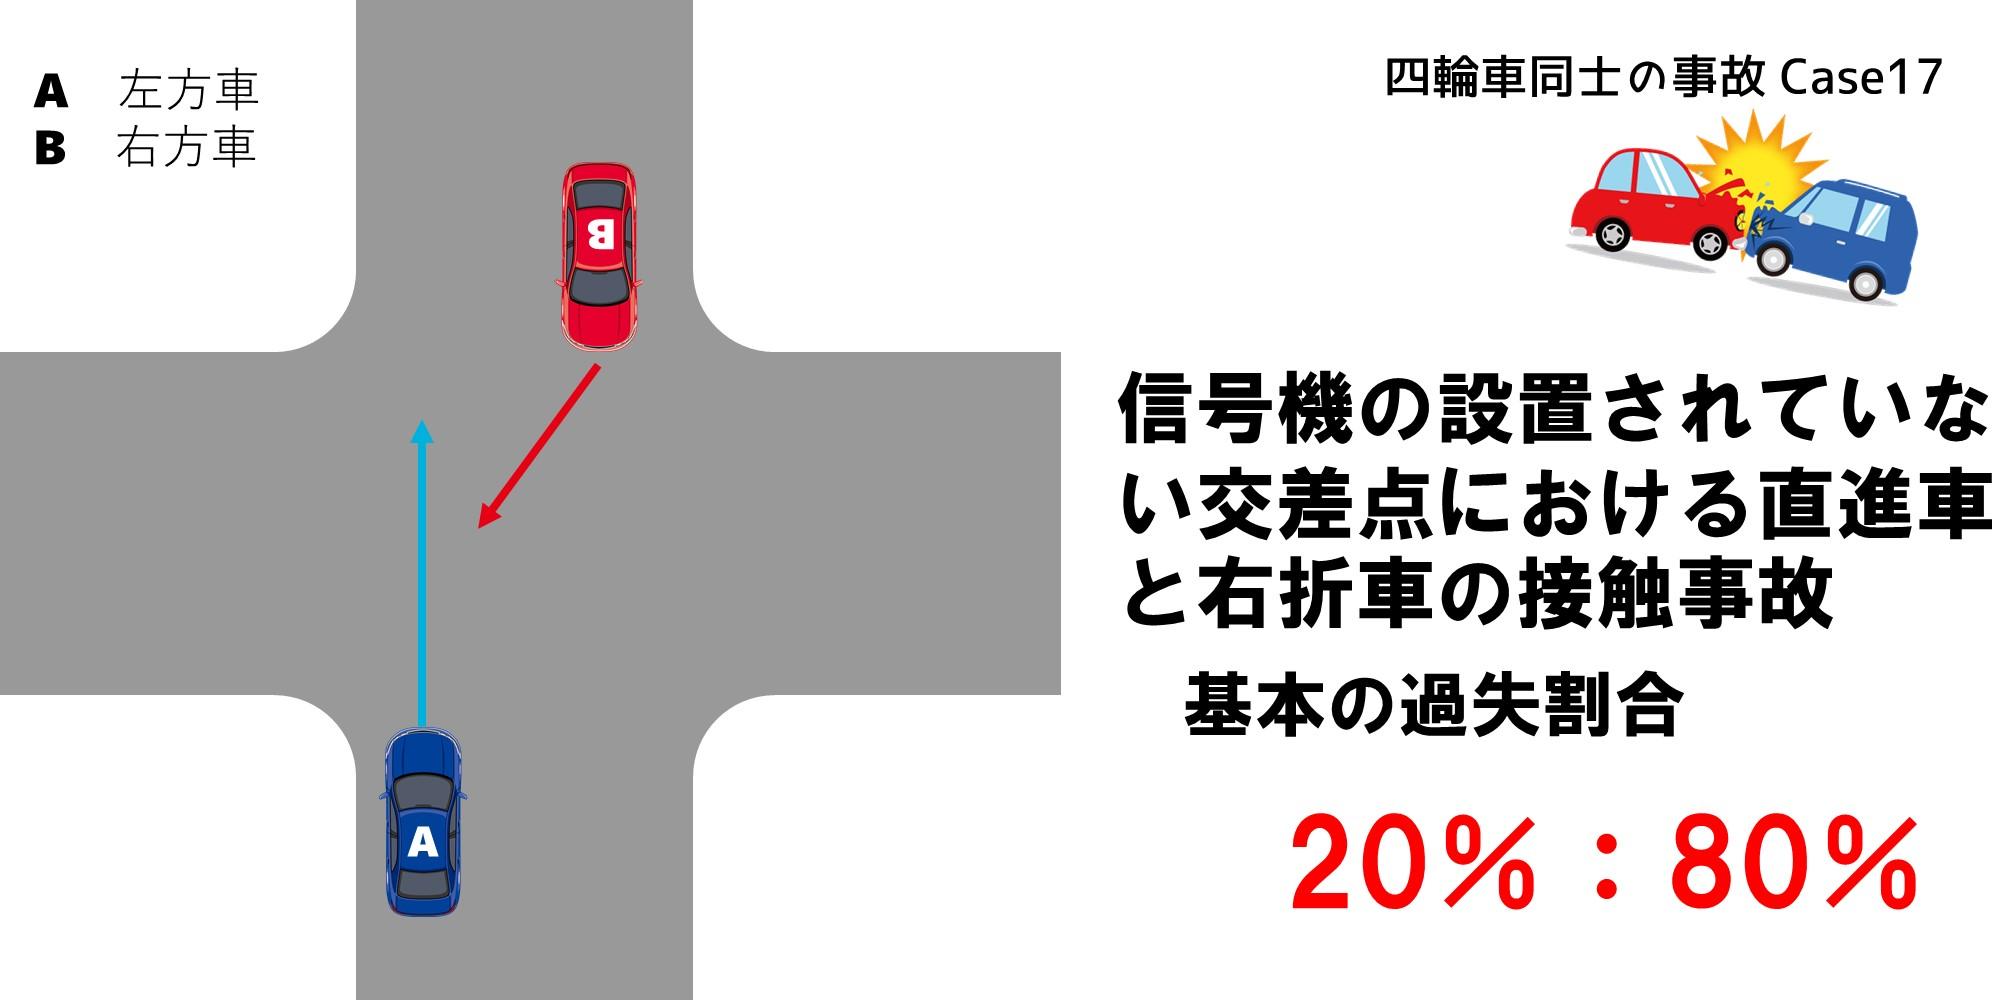 信号機の設置されていない交差点における直進車と右折車の事故での過失割合